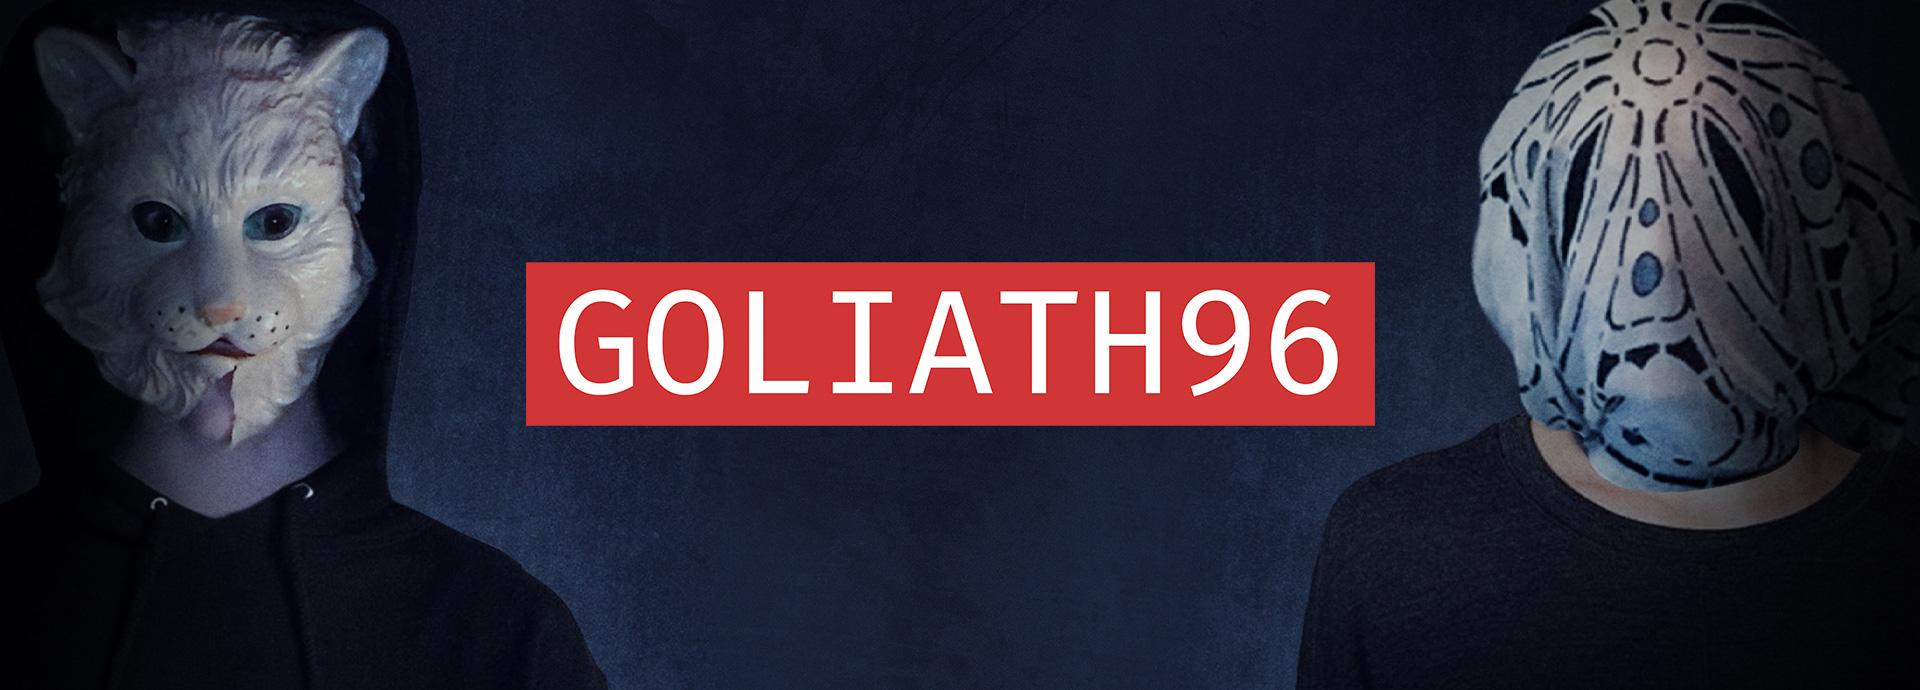 GoliathWeb0